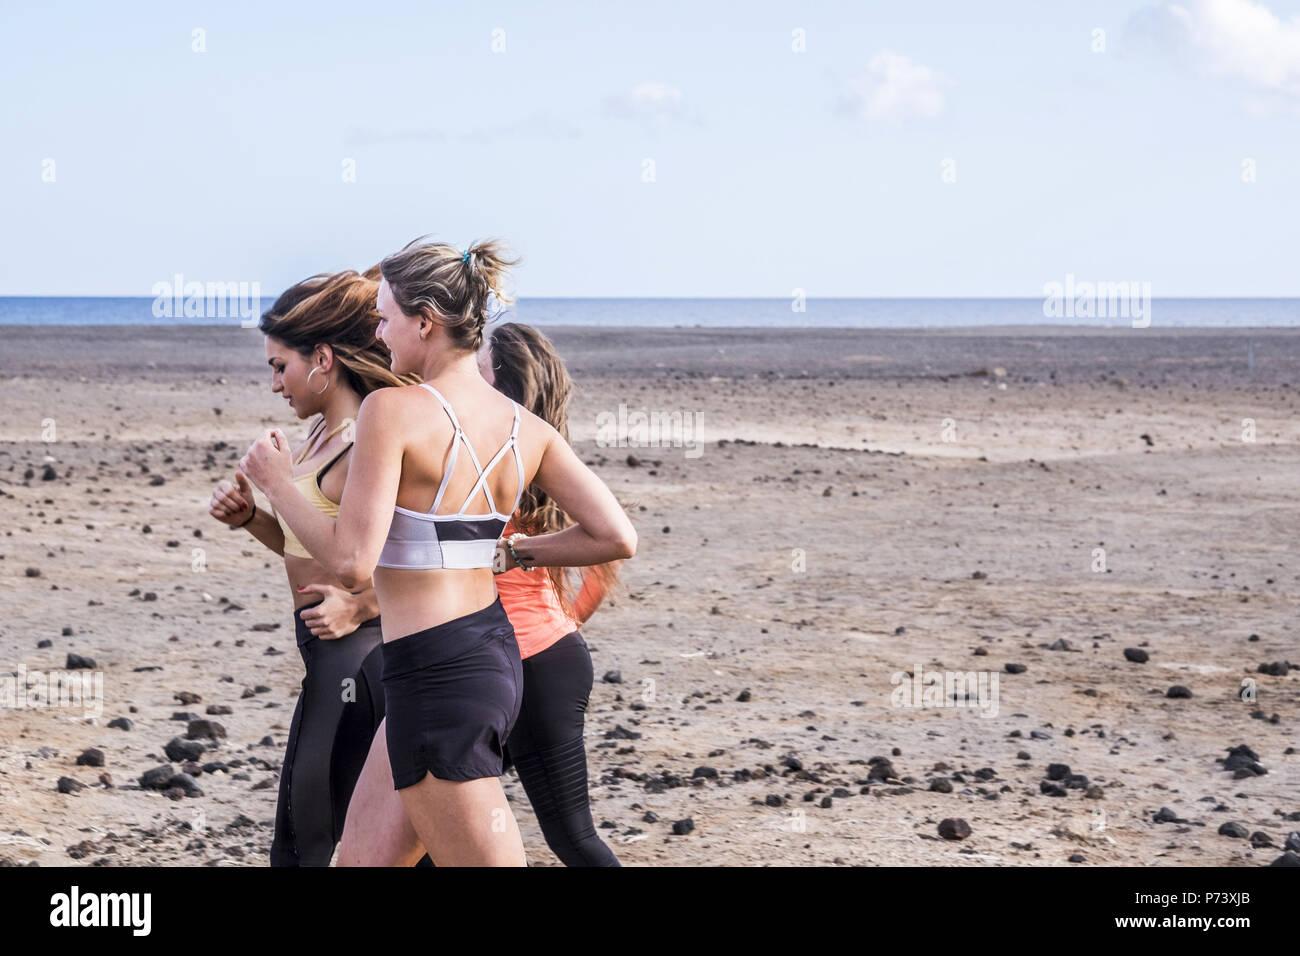 Drei kaukasischen schöne junge Damen in der Nähe des Ozeans am Strand für gesunde positiven Lebensstil und unbeschwert. glücklich auf Körper Ergebnisse zu arbeiten Stockbild